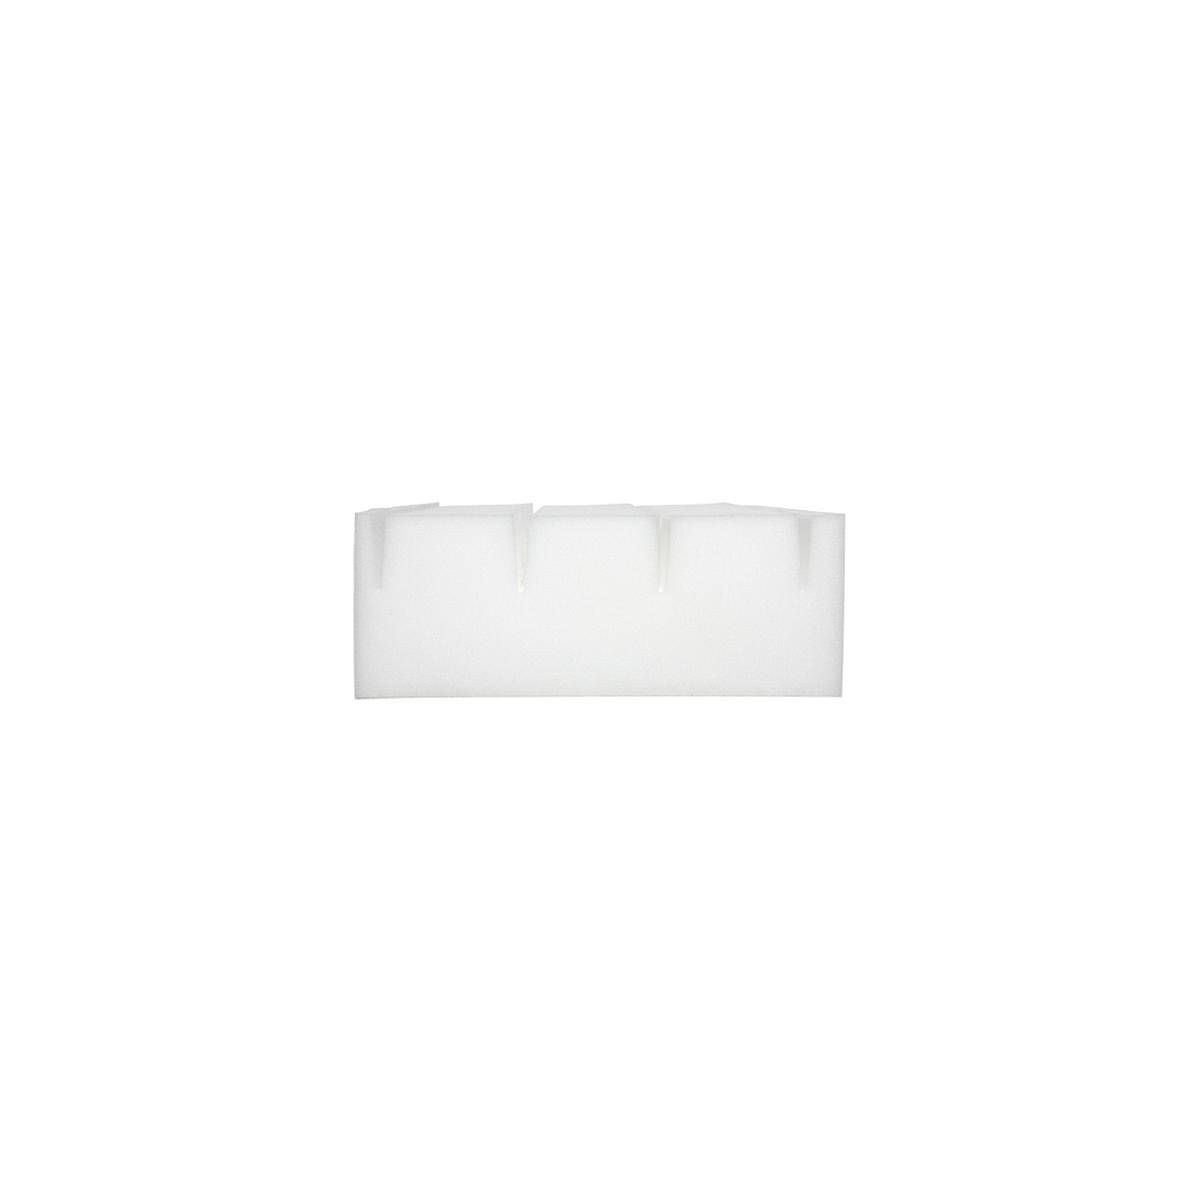 Colchón de espuma con funda blanca fina 200x90cm Flexa